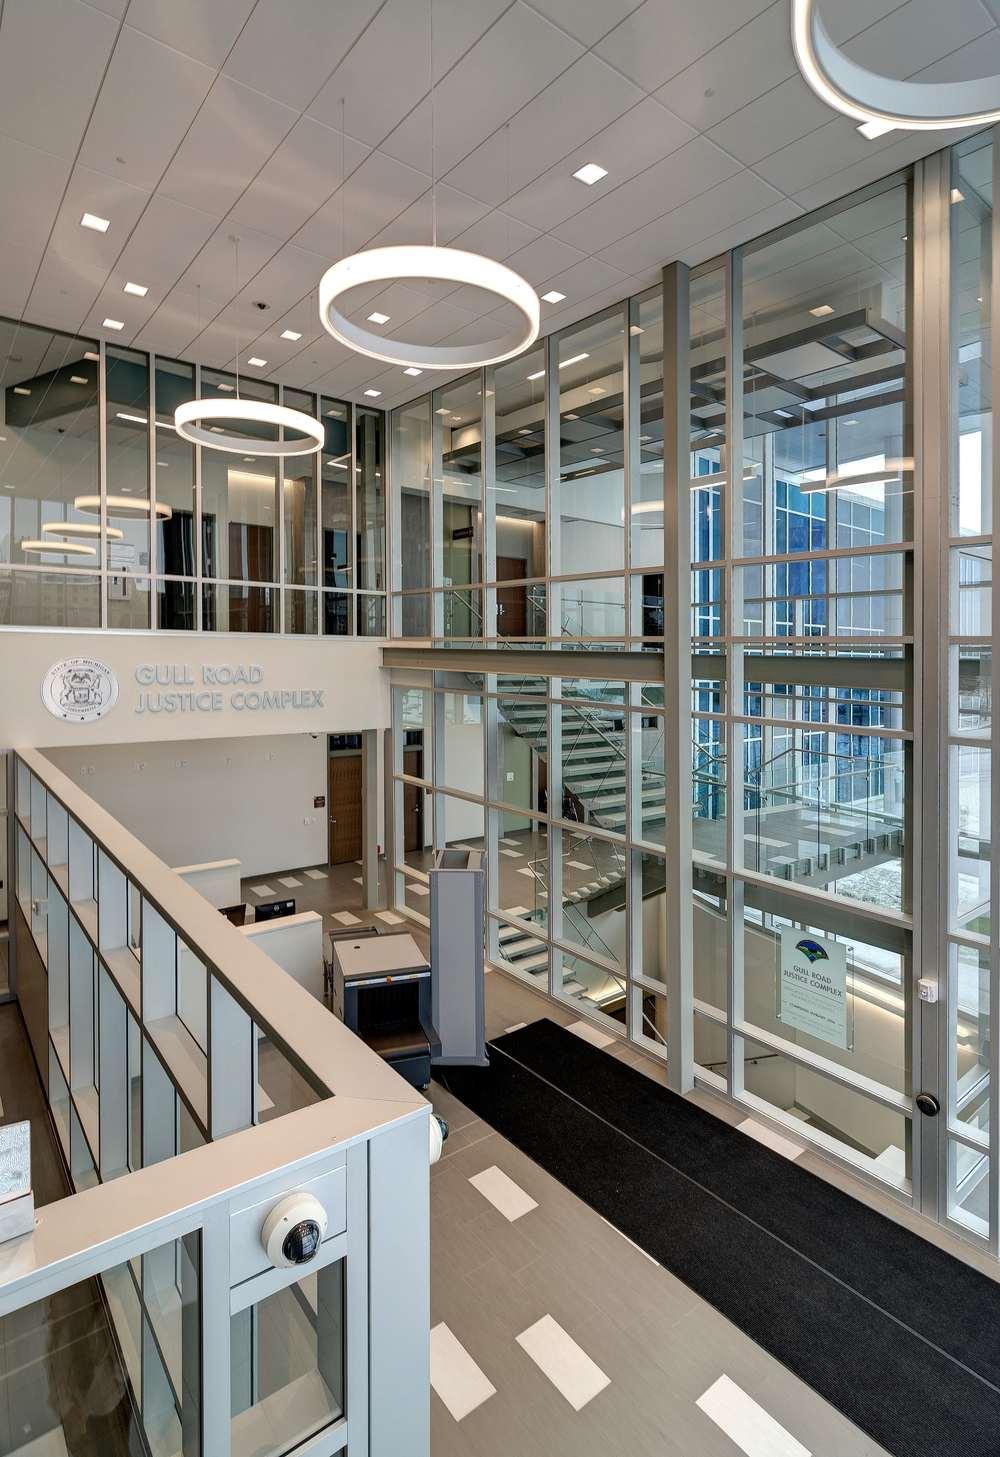 GullRdJusticeComplex-Interior-8931-NeutralColor-FullSize-min.jpg